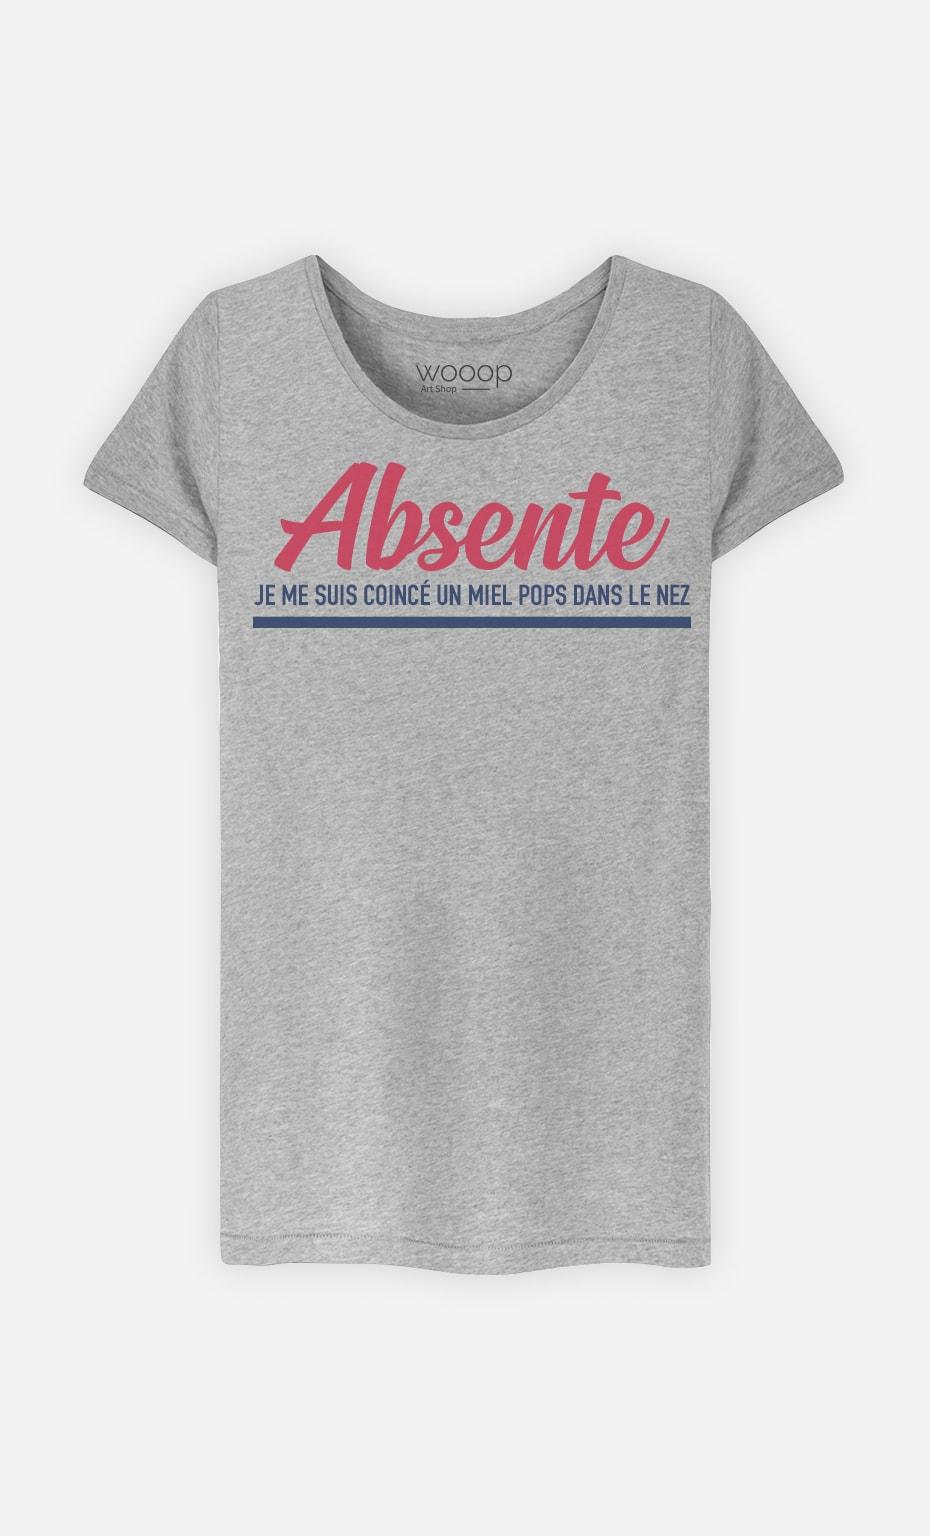 T-Shirt Femme Absente : Je Me Suis Coincé Un Miel Pop Dans Le Nez